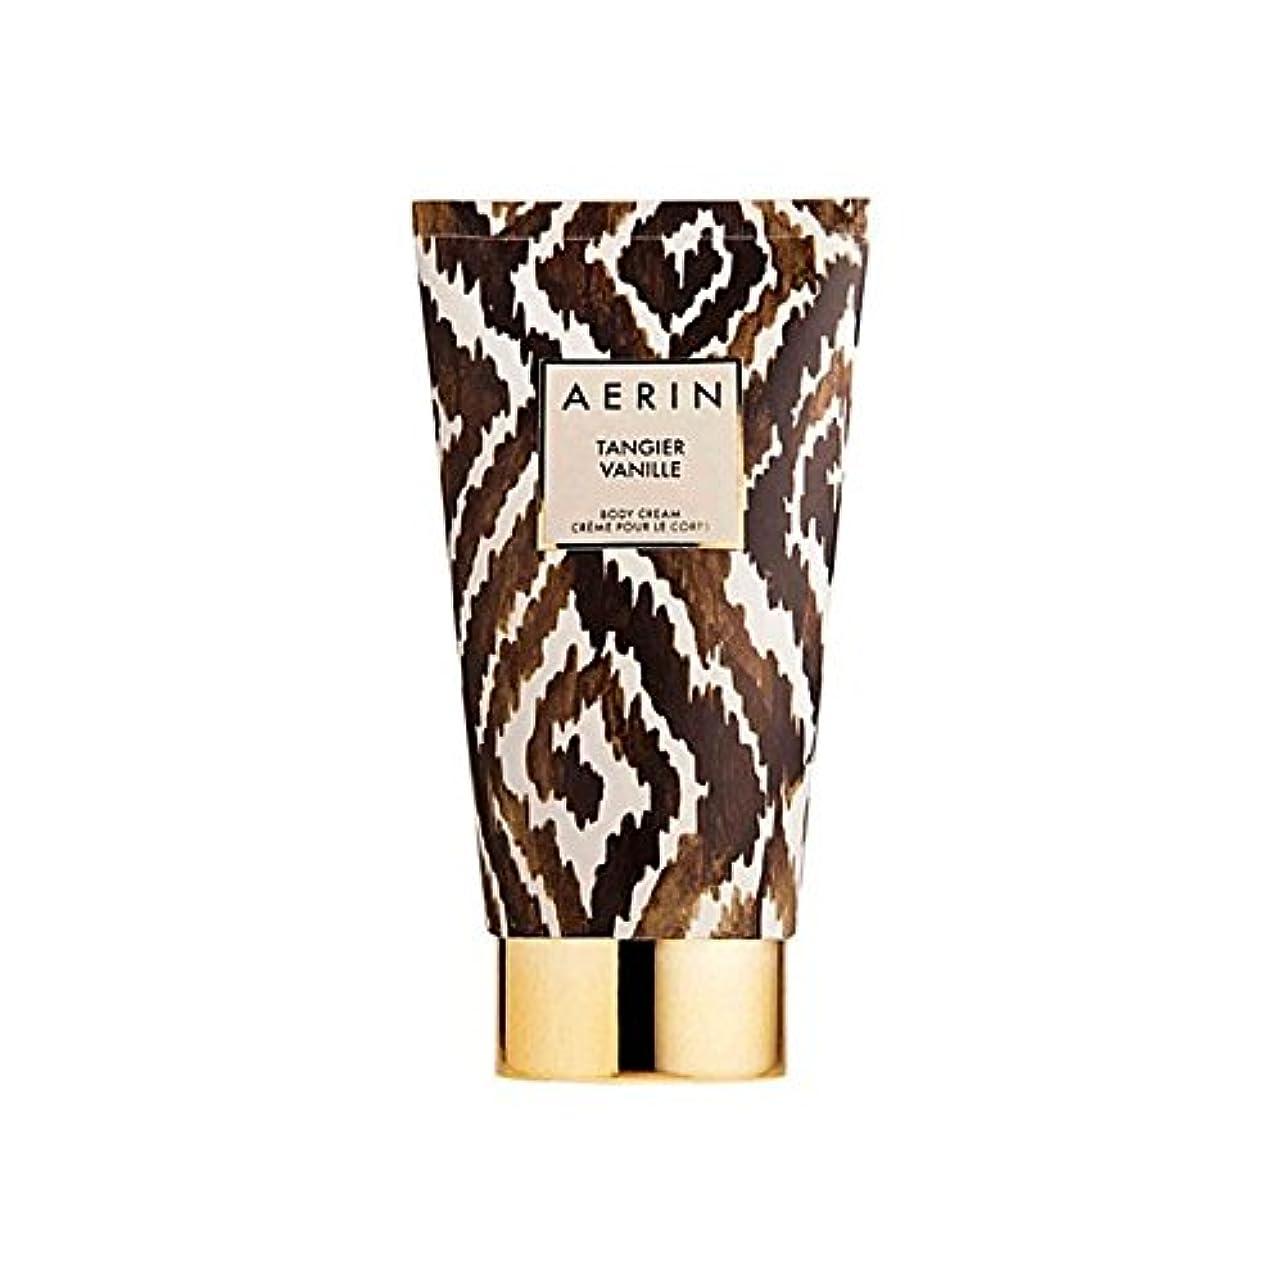 間違っている気楽な進捗タンジールヴァニラボディクリーム x2 - Aerin Tangier Vanille Body Cream (Pack of 2) [並行輸入品]